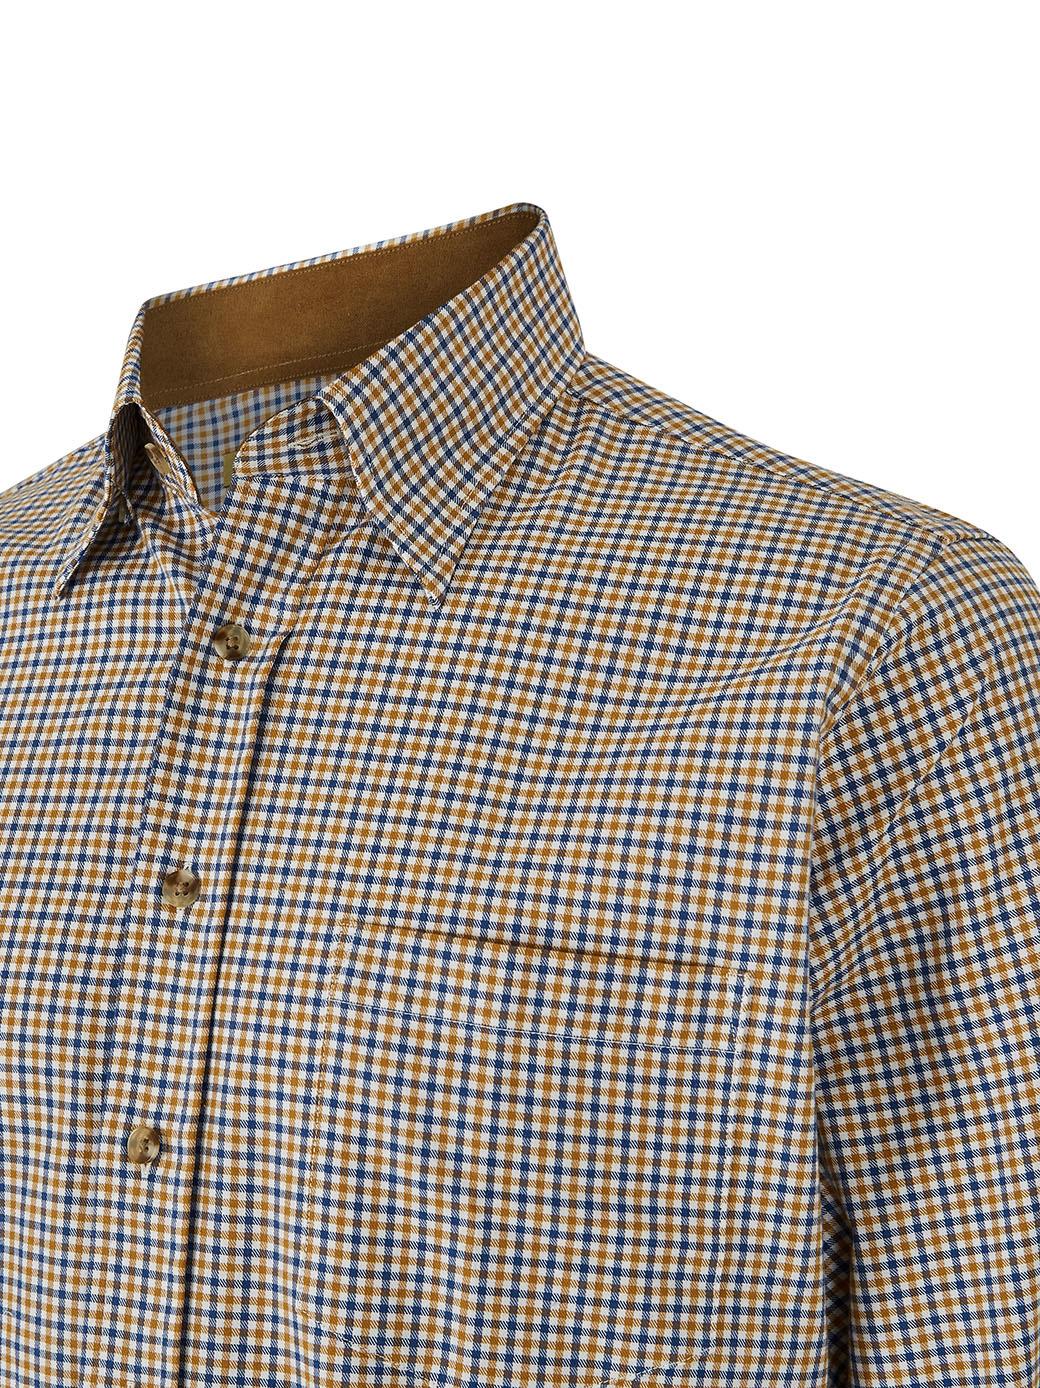 Dubarry Shrewsbury Katoenen Shirt - Amber-4